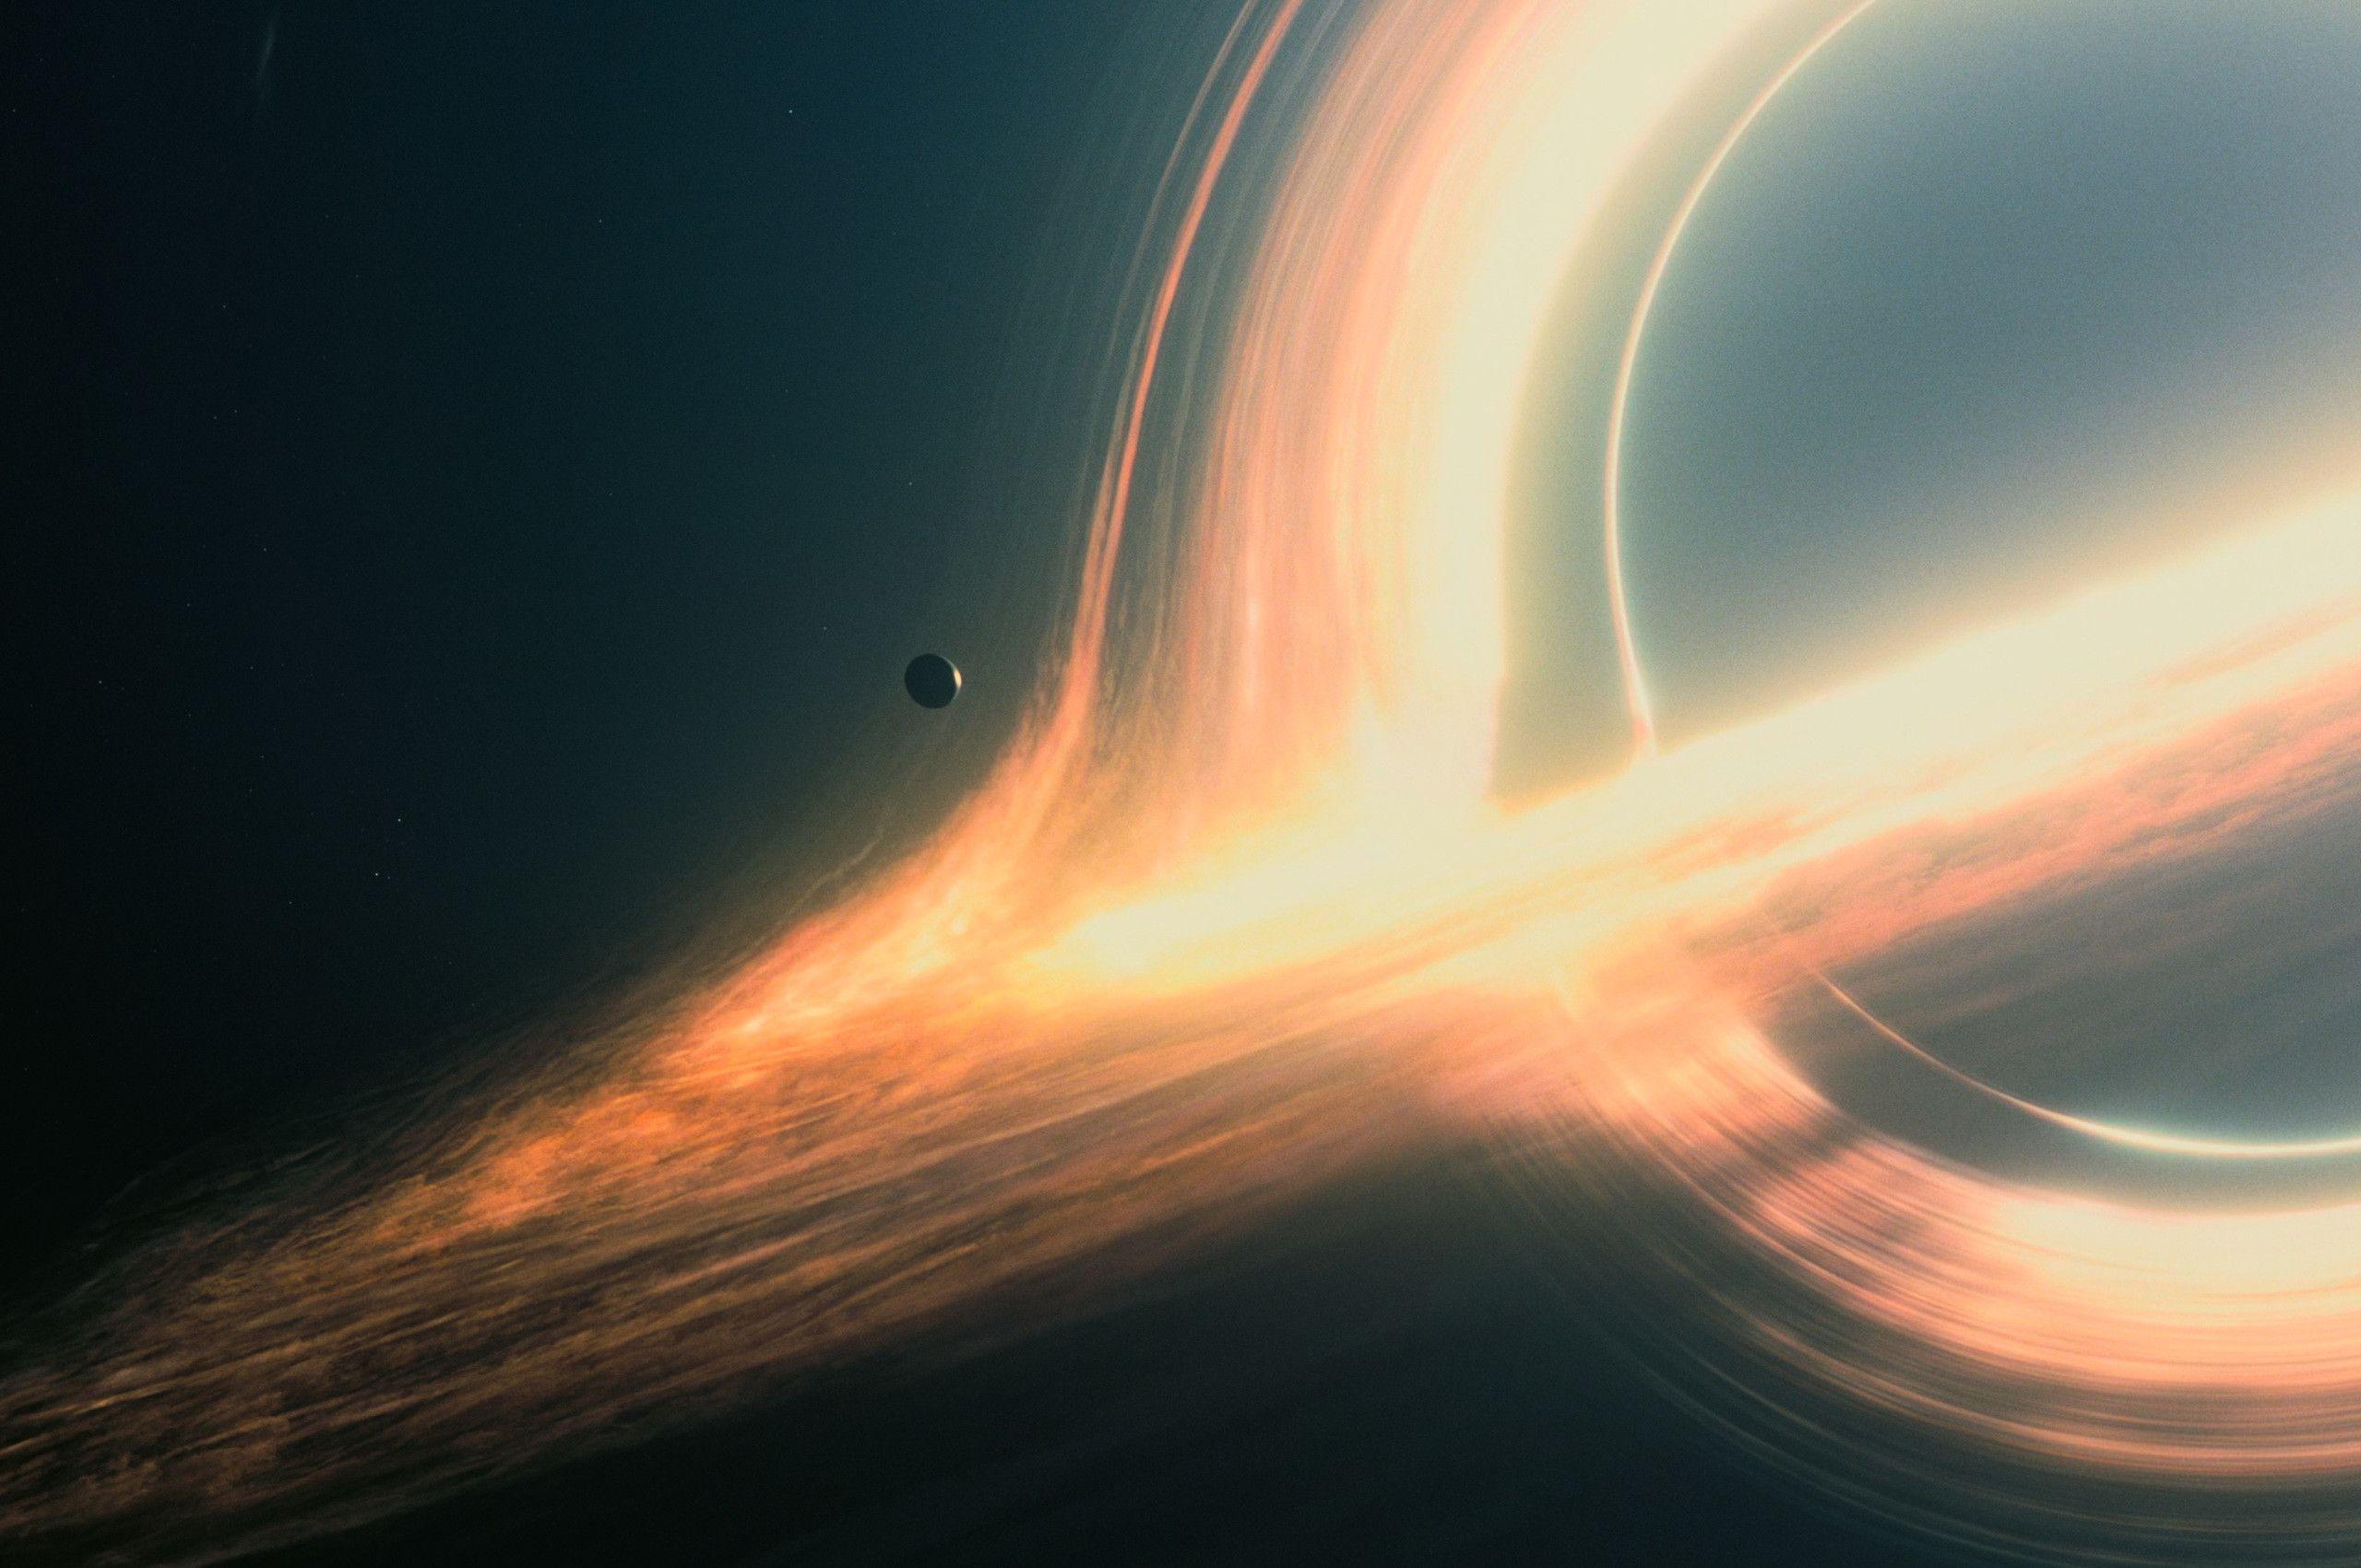 71 Interstellar Gargantua Wallpapers On Wallpaperplay Interstellar Interstellar Movie Wallpaper Earth